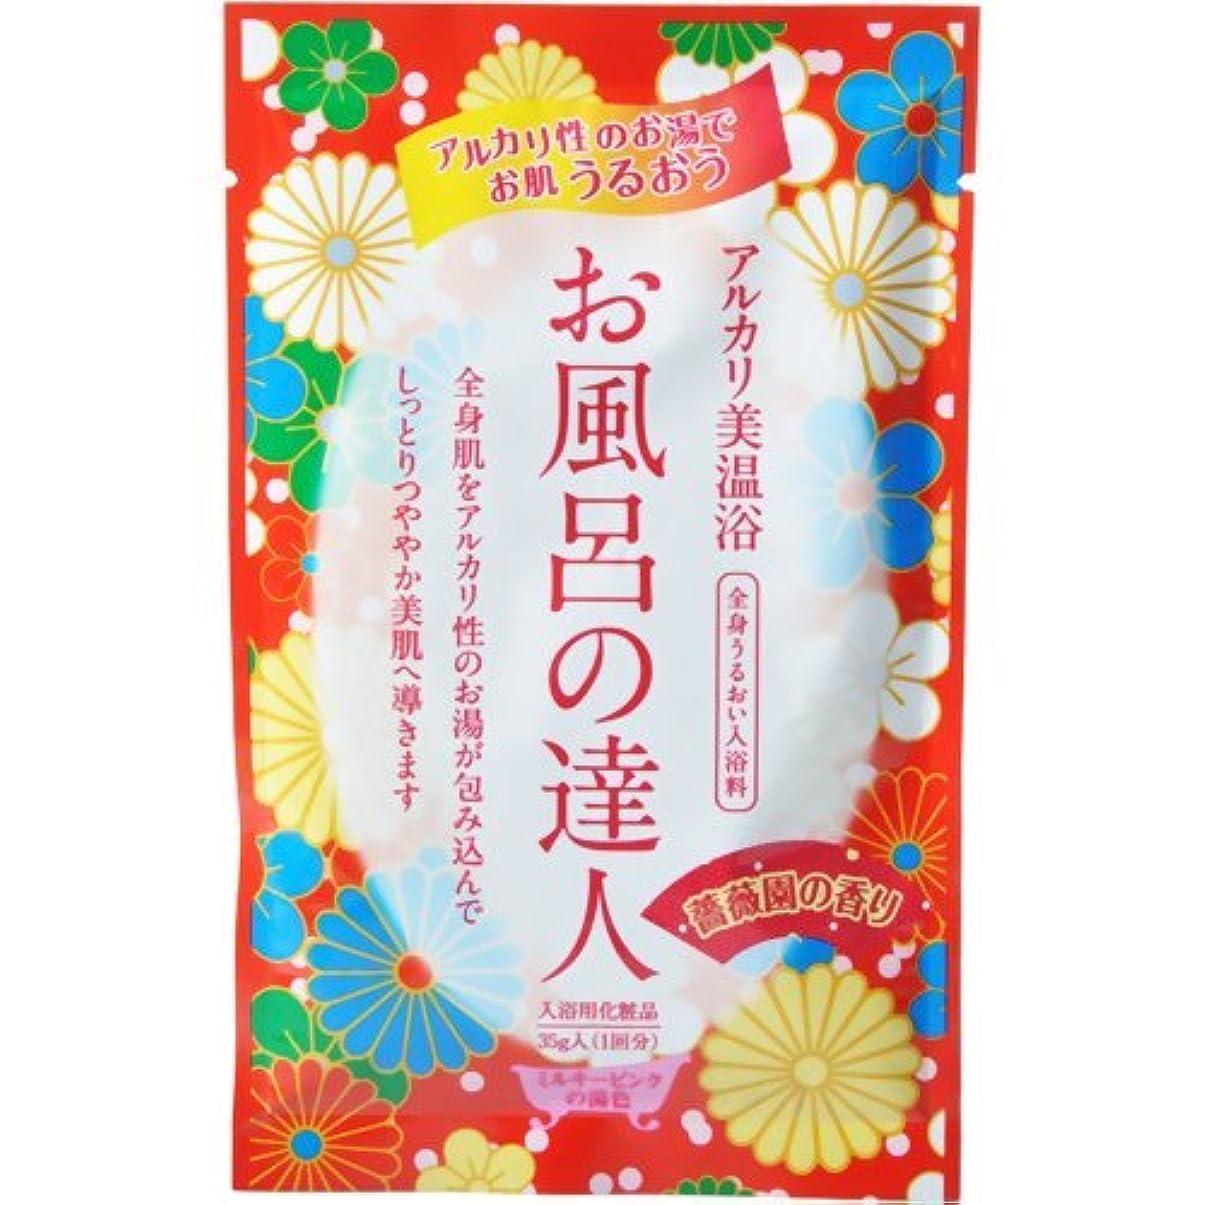 状態マトロンクルーズお風呂の達人 薔薇園の香り 35G 五洲薬品